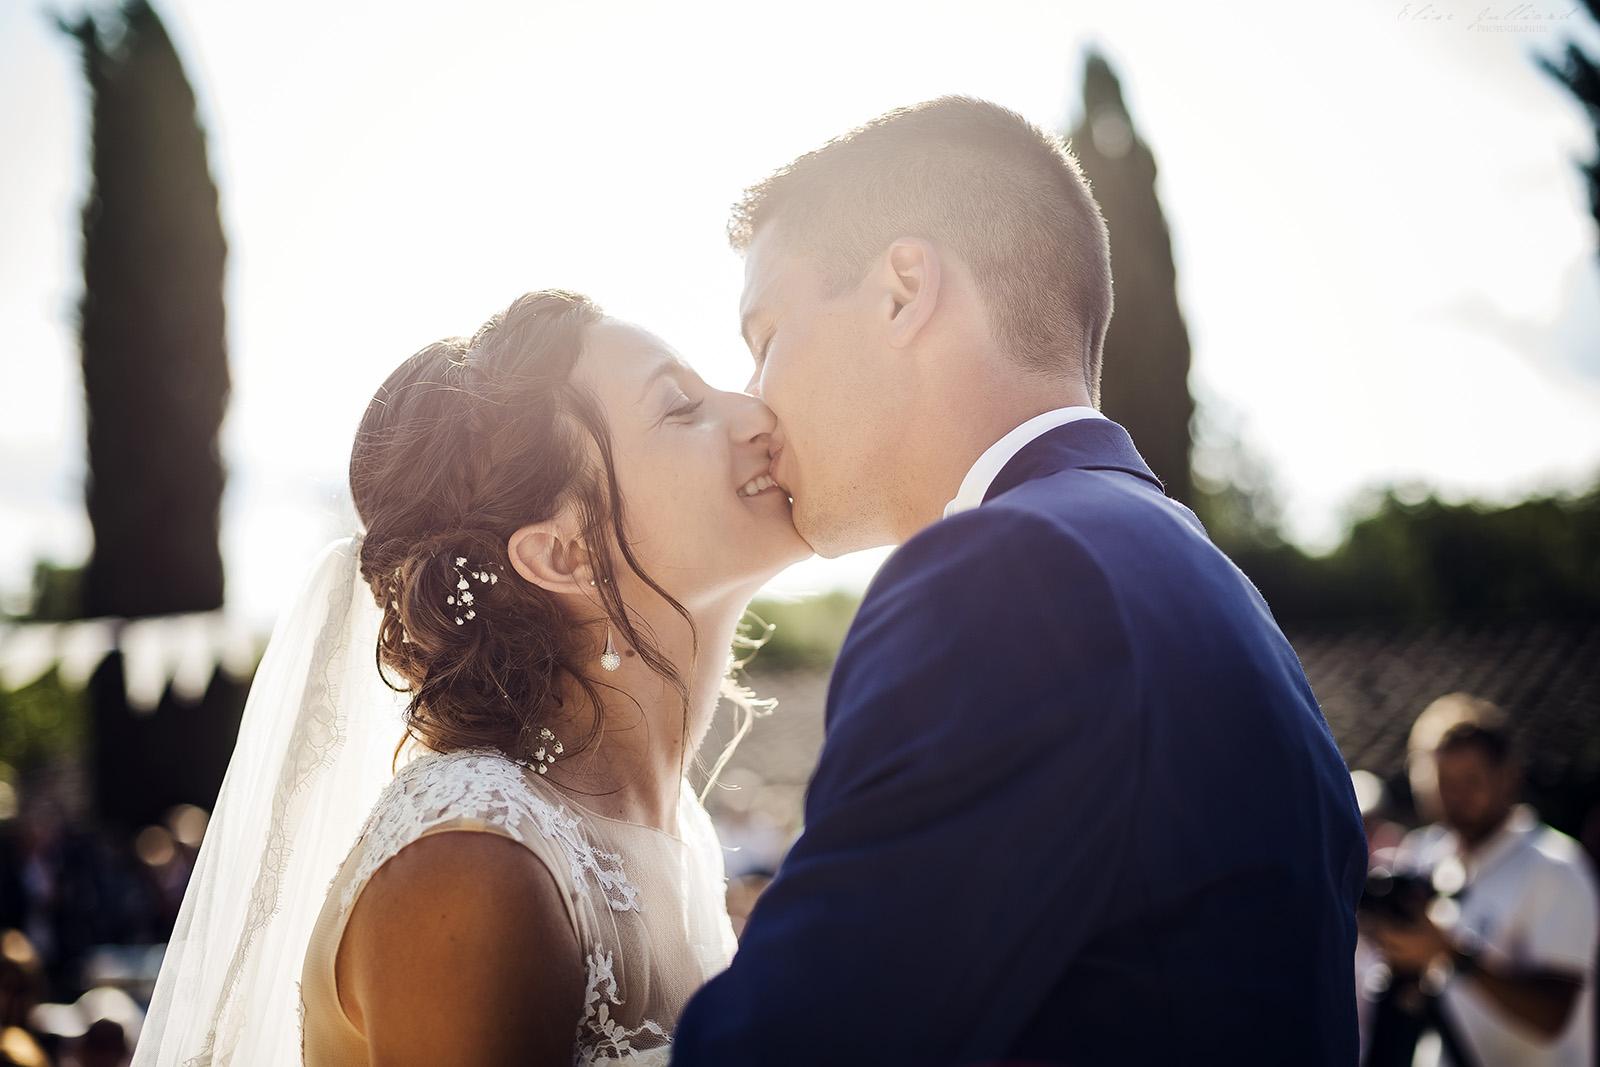 photographe-mariage-wedding-photographer-lyon-auvergne-rhone-alpes-ain-beaujolais-domaine-du-passeloup-couple-amour-love-reportage-elise-julliard-chateau-de-cibeins-18